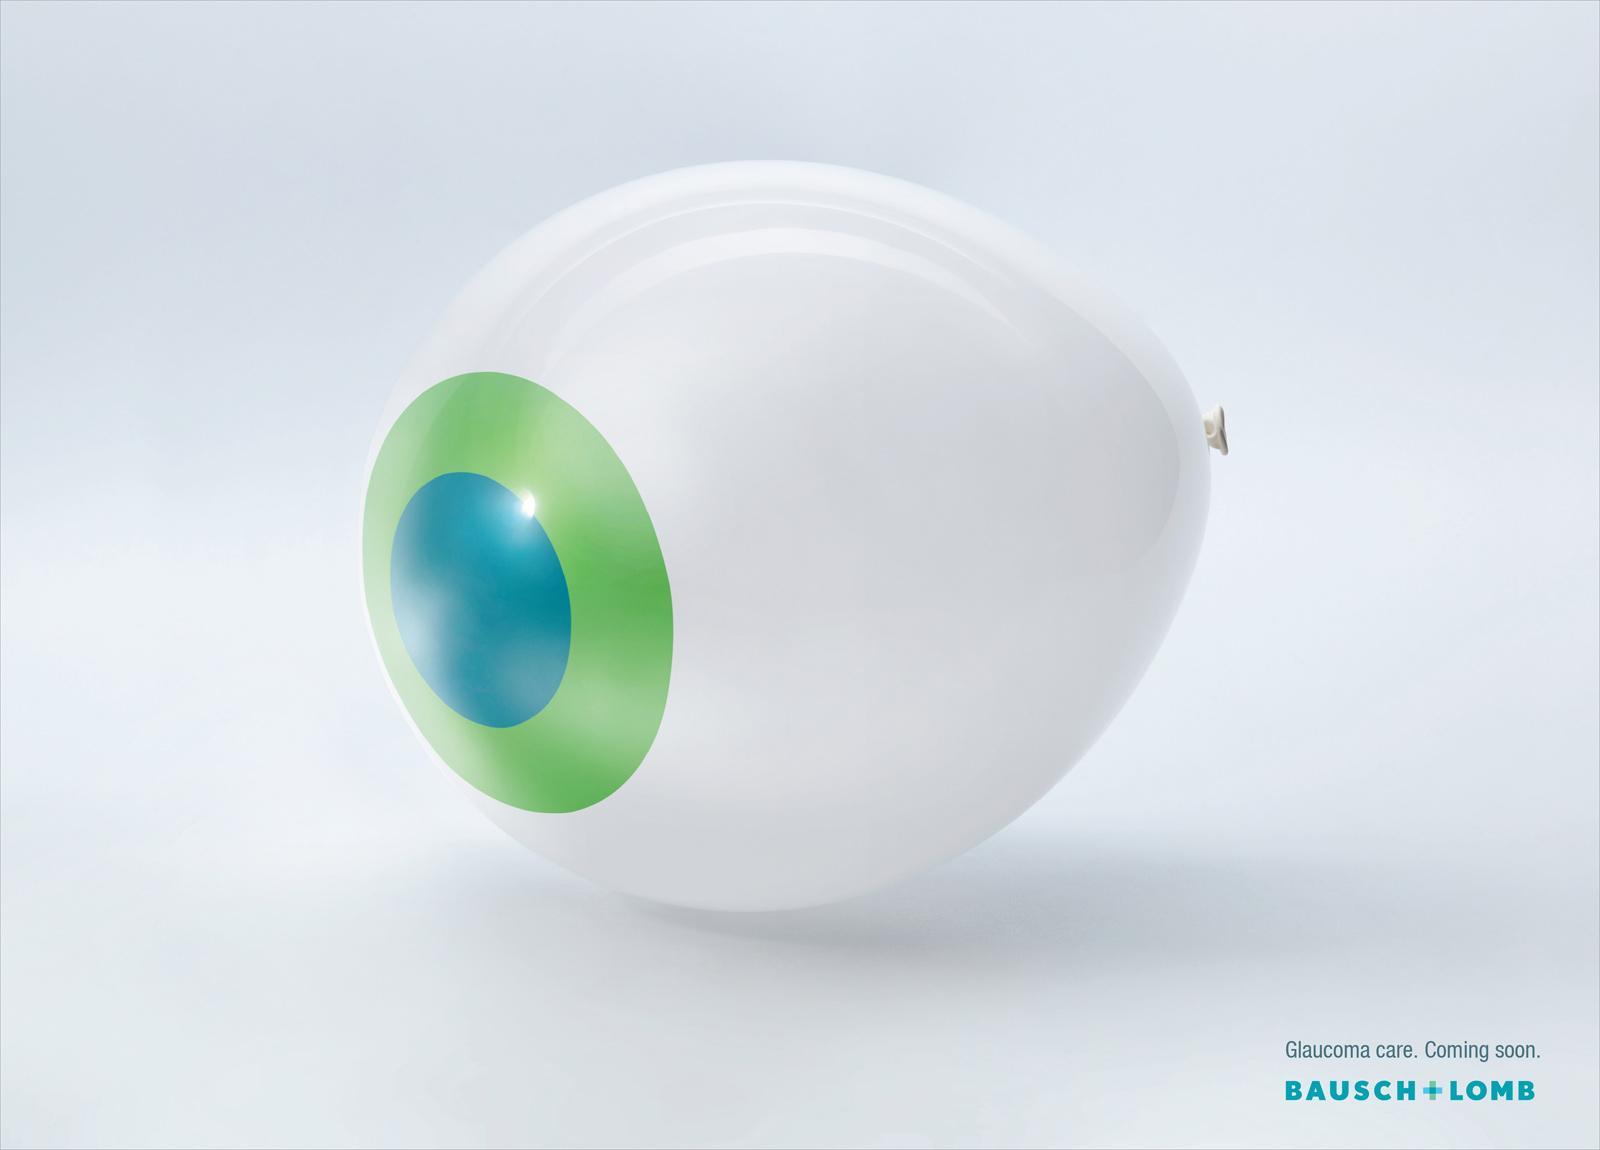 Bausch & Lomb Print Ad -  Balloon